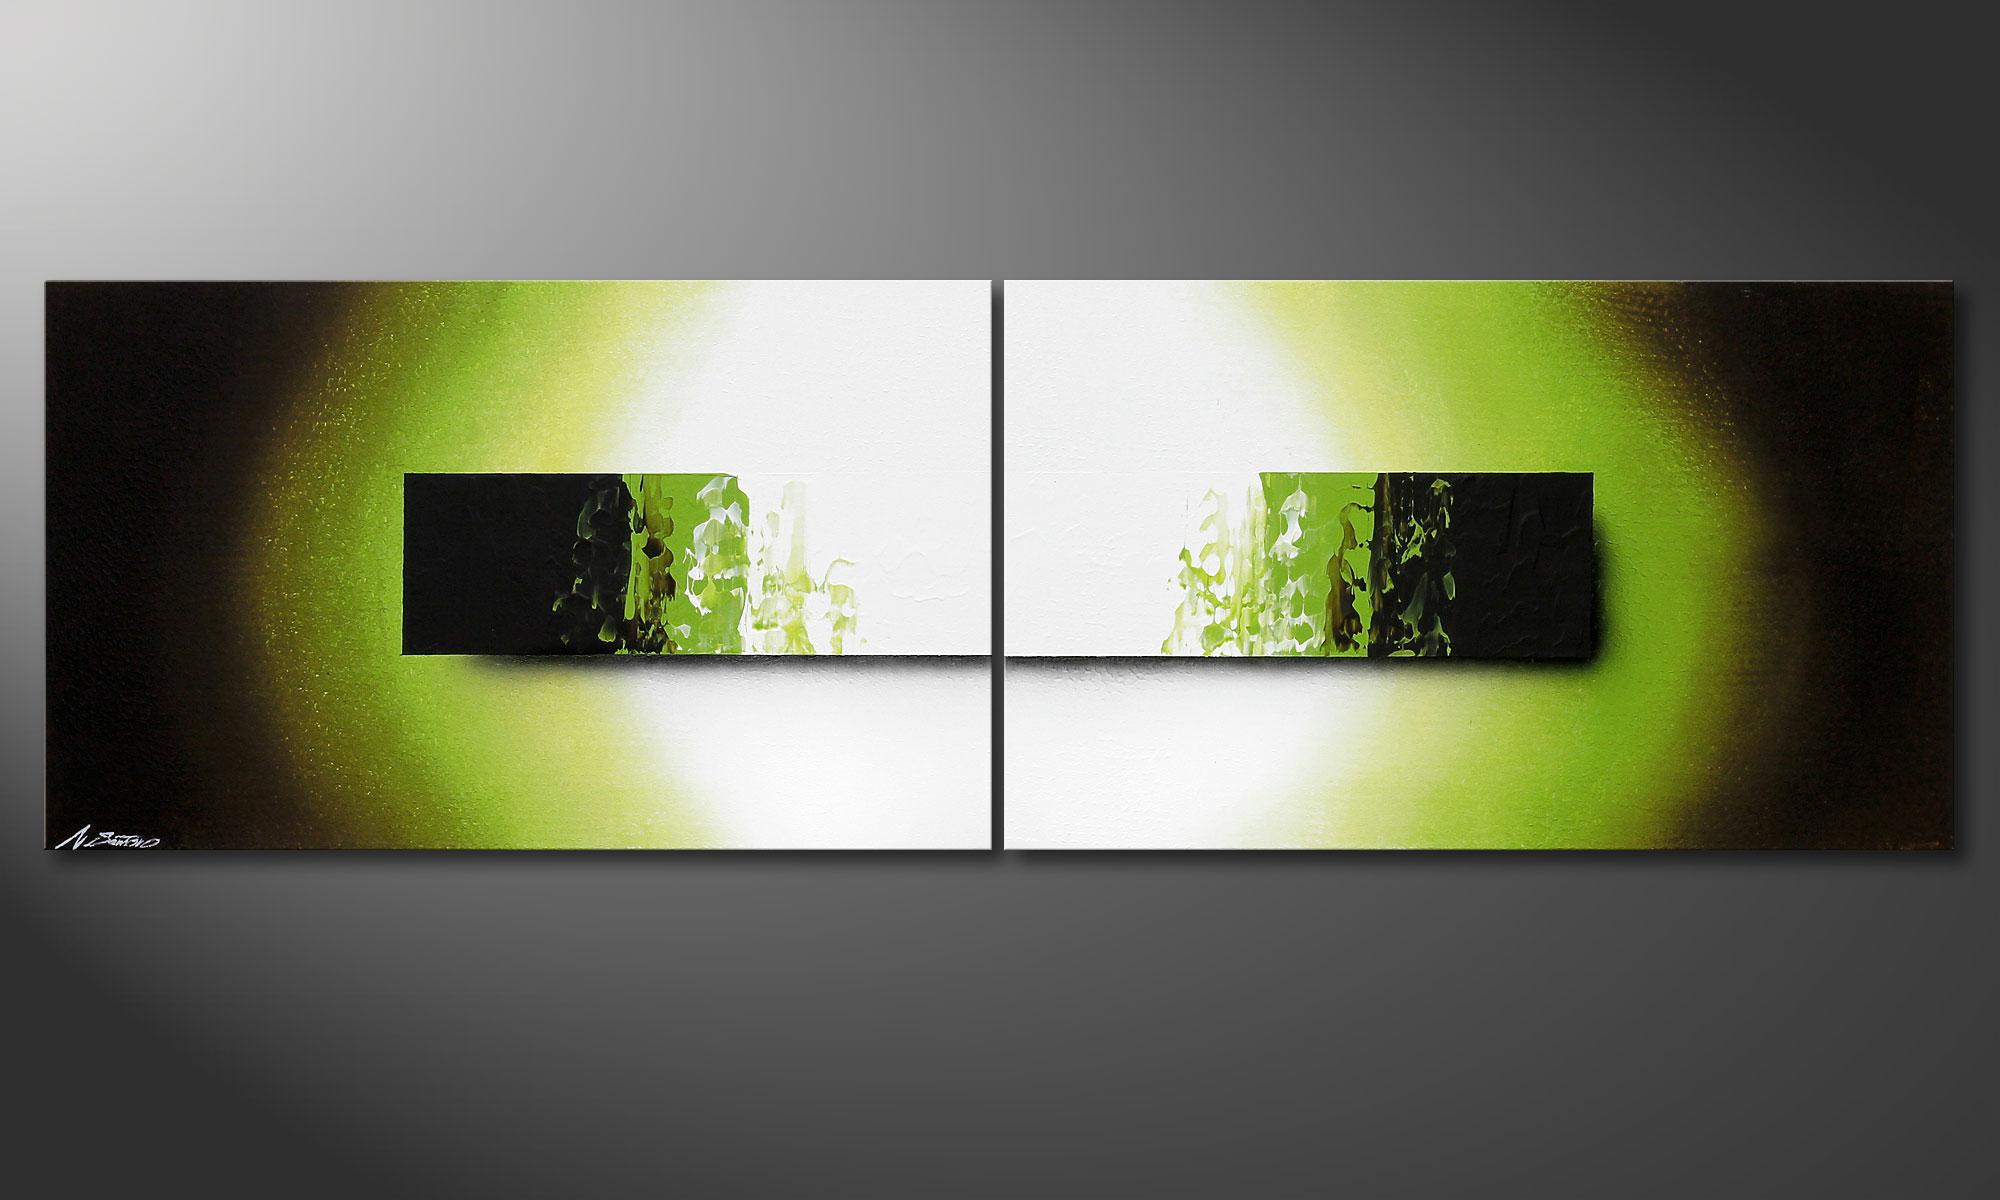 La peinture moderne jungle fever 200x60cm tableaux xxl - Tableau vert anis ...